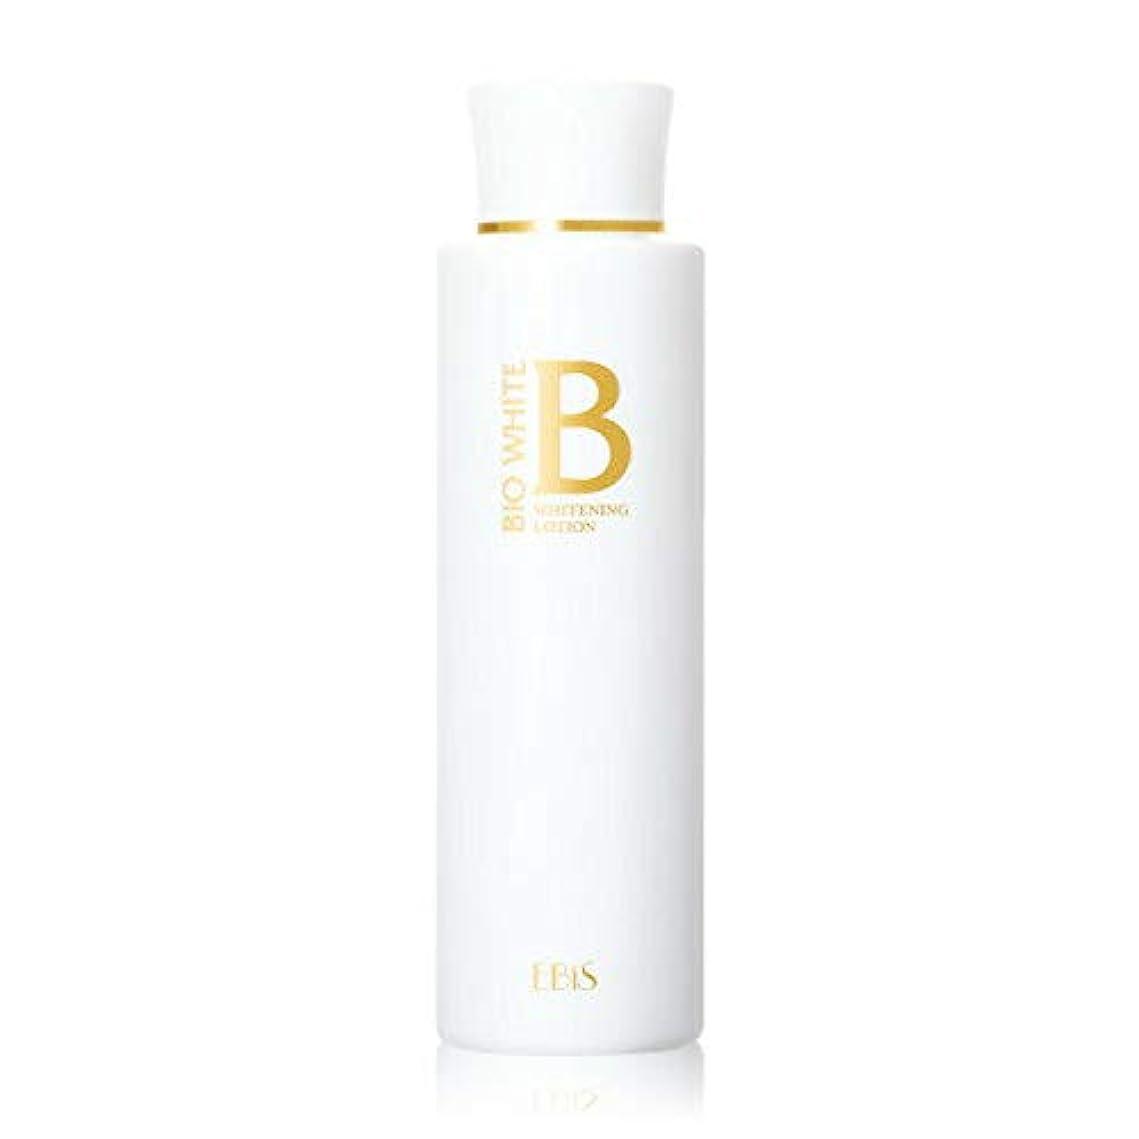 デッキルビーシエスタエビス化粧品(EBiS) エビス ビーホワイトローション 150ml 美白化粧水 トラネキサム酸 配合 医薬部外品